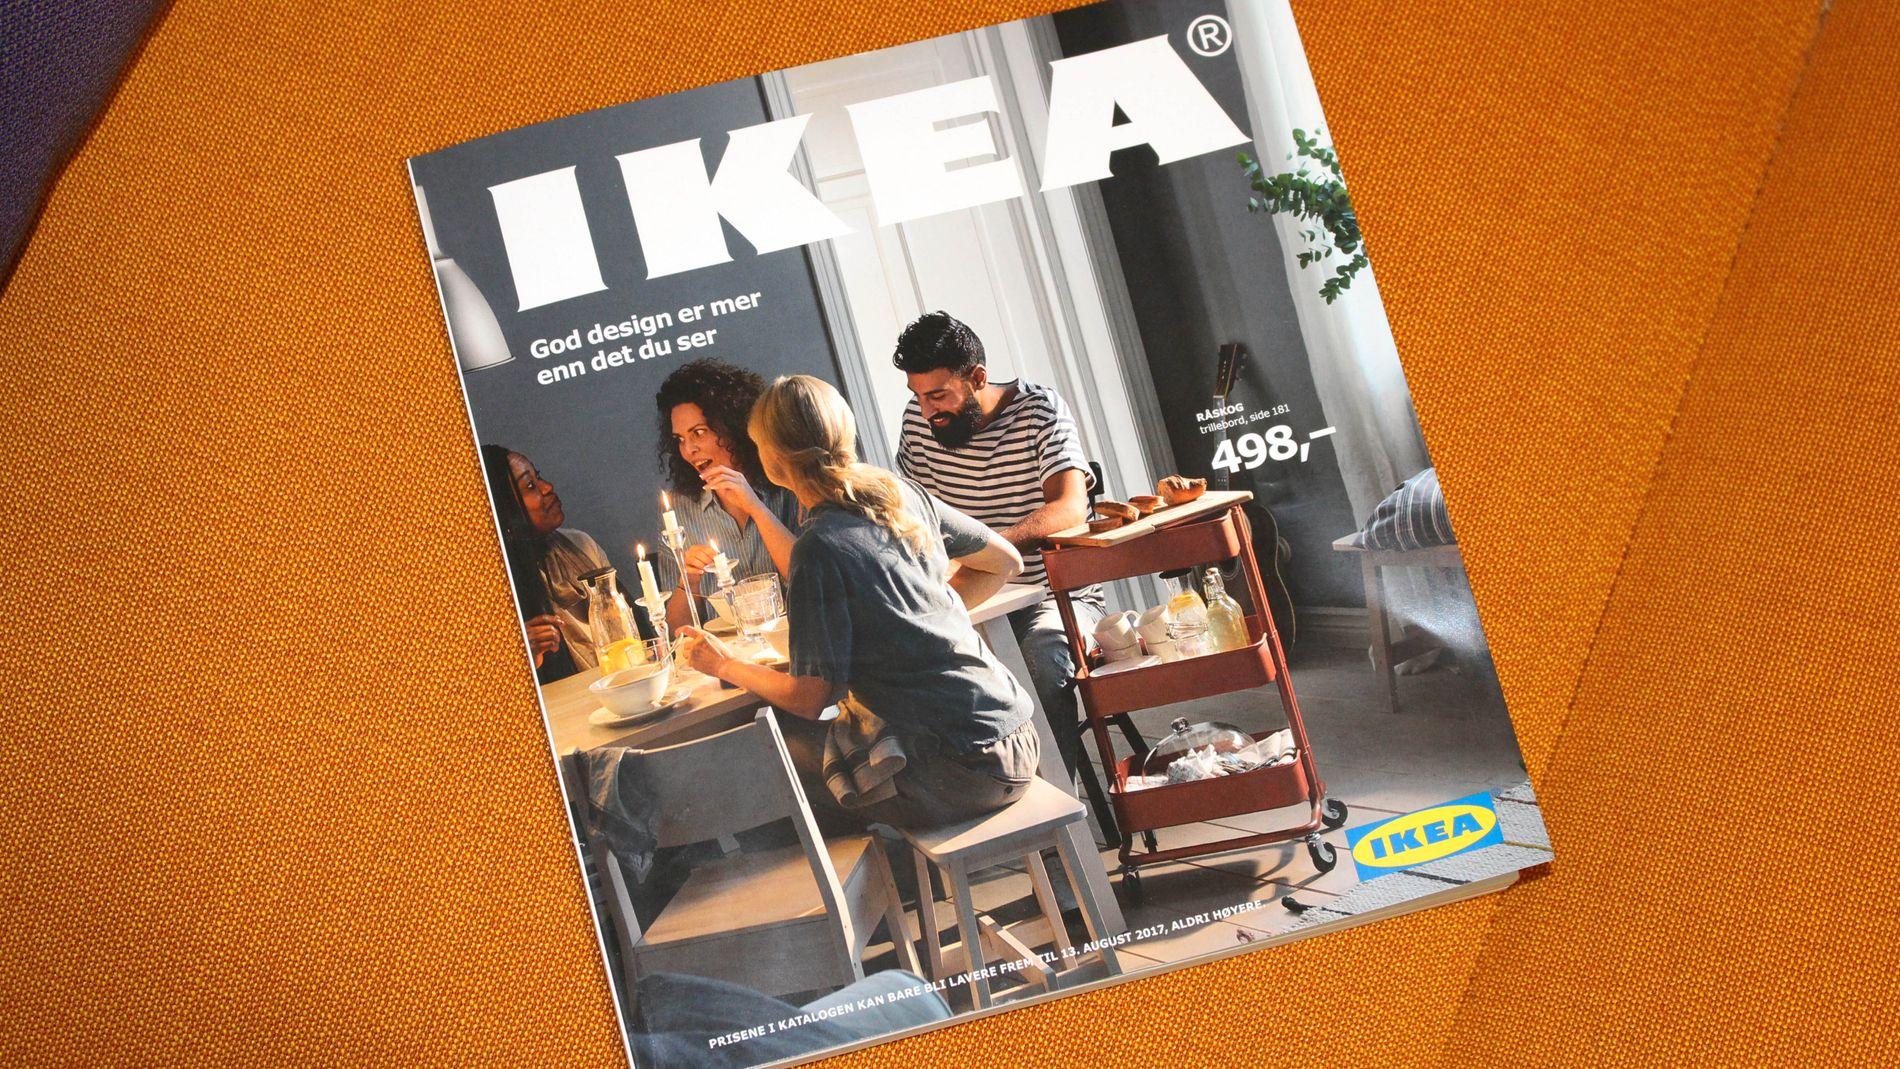 Ny Ikea katalog klar: Derfor fenger den trykte katalogen